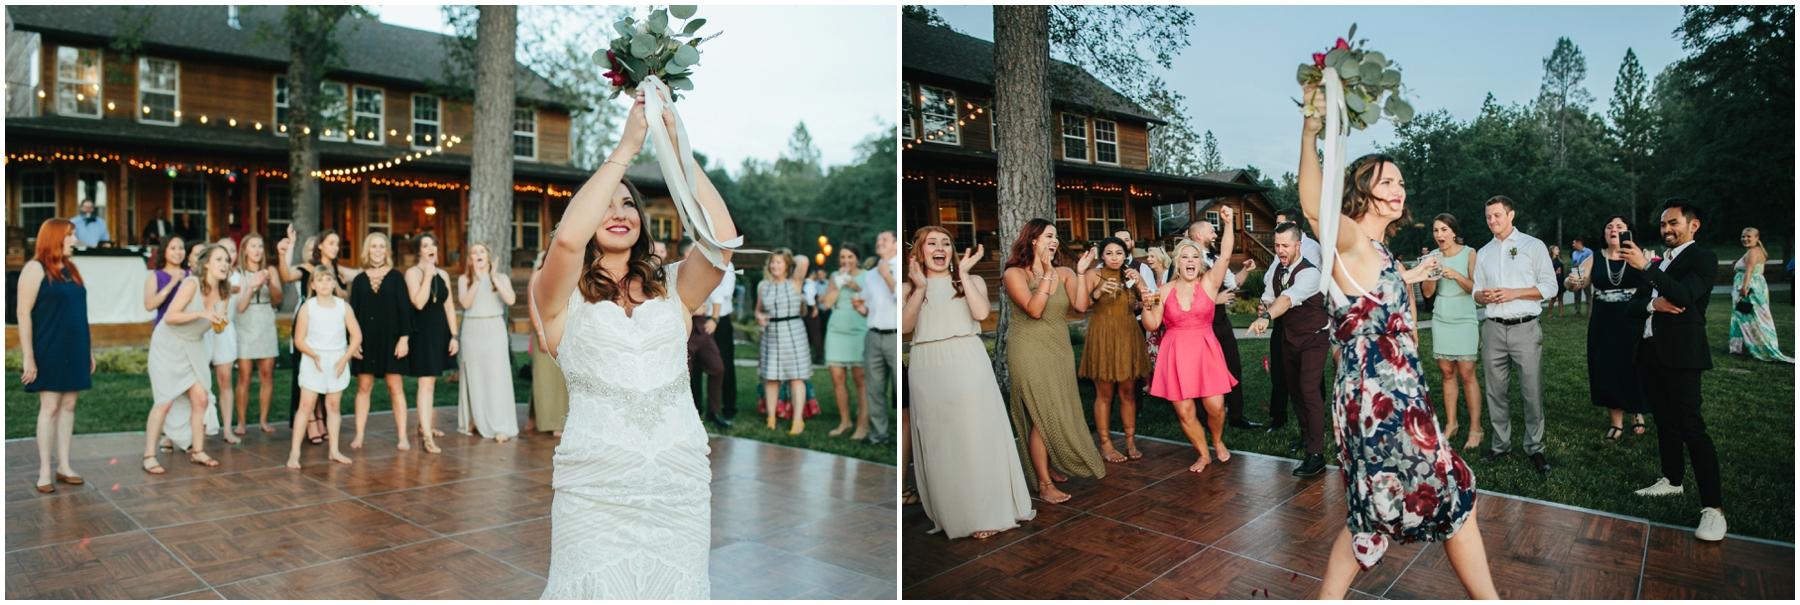 amandabrendan-wedding_web_0154